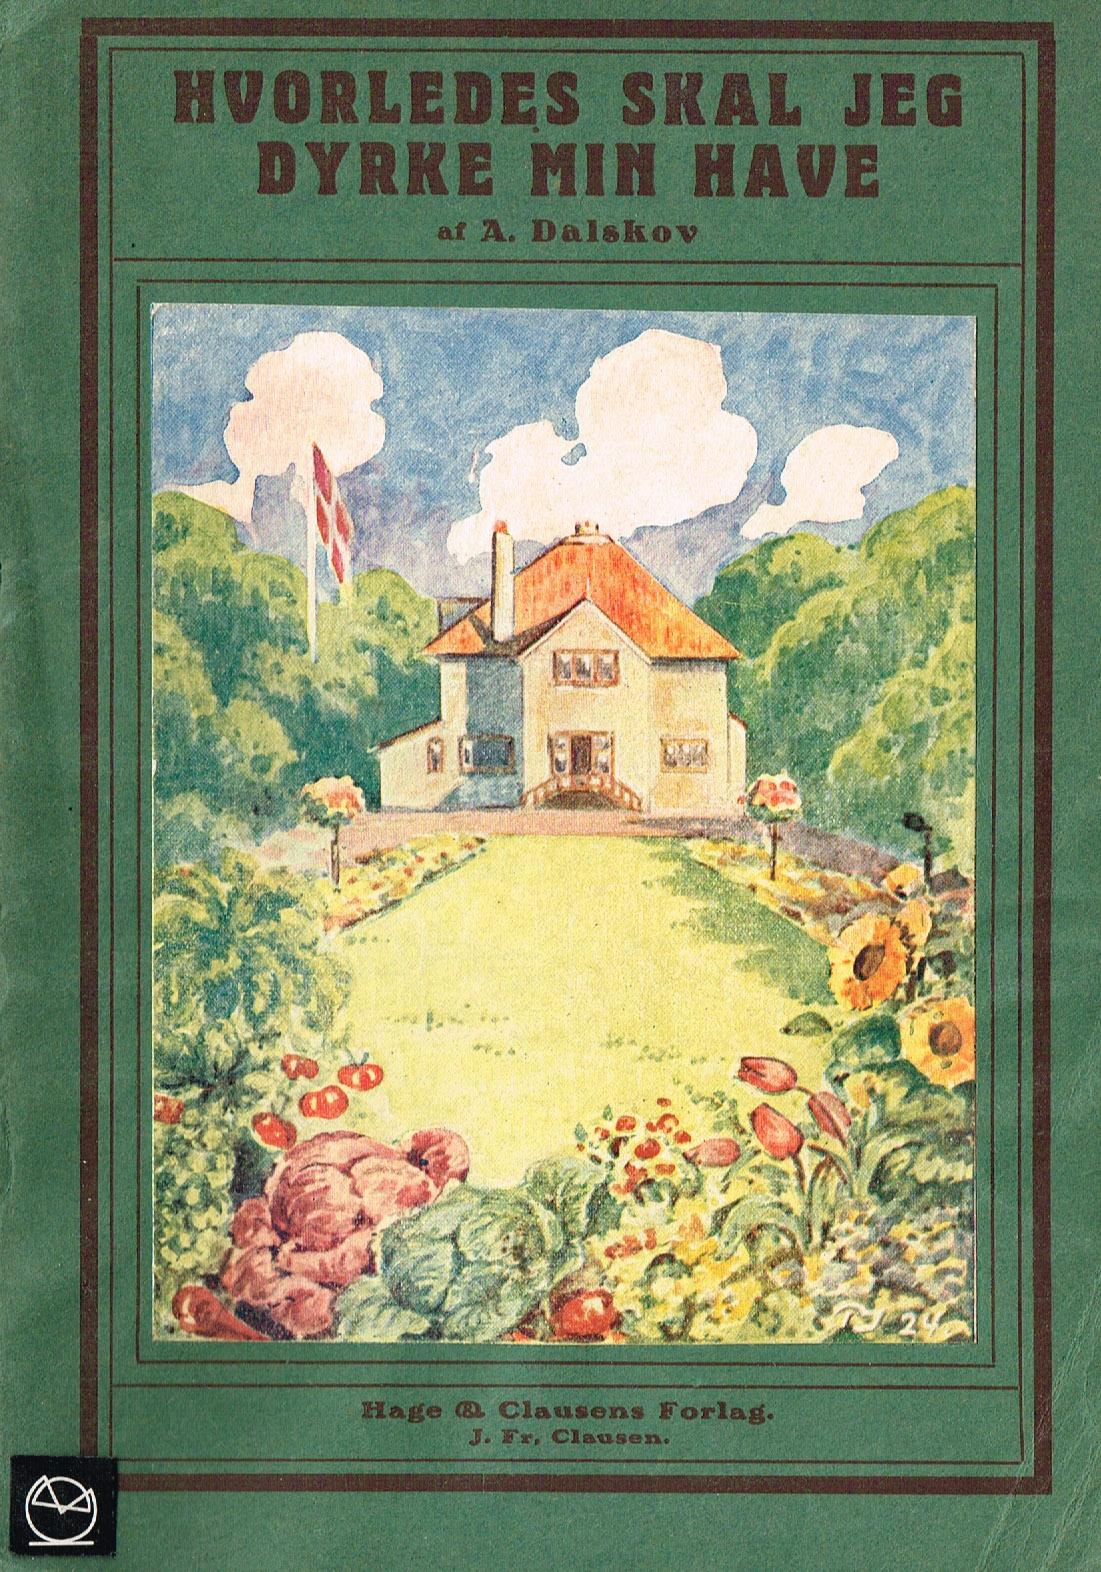 Havebøger - Hvorledes skal jeg dyrke min have, A. Dalskov